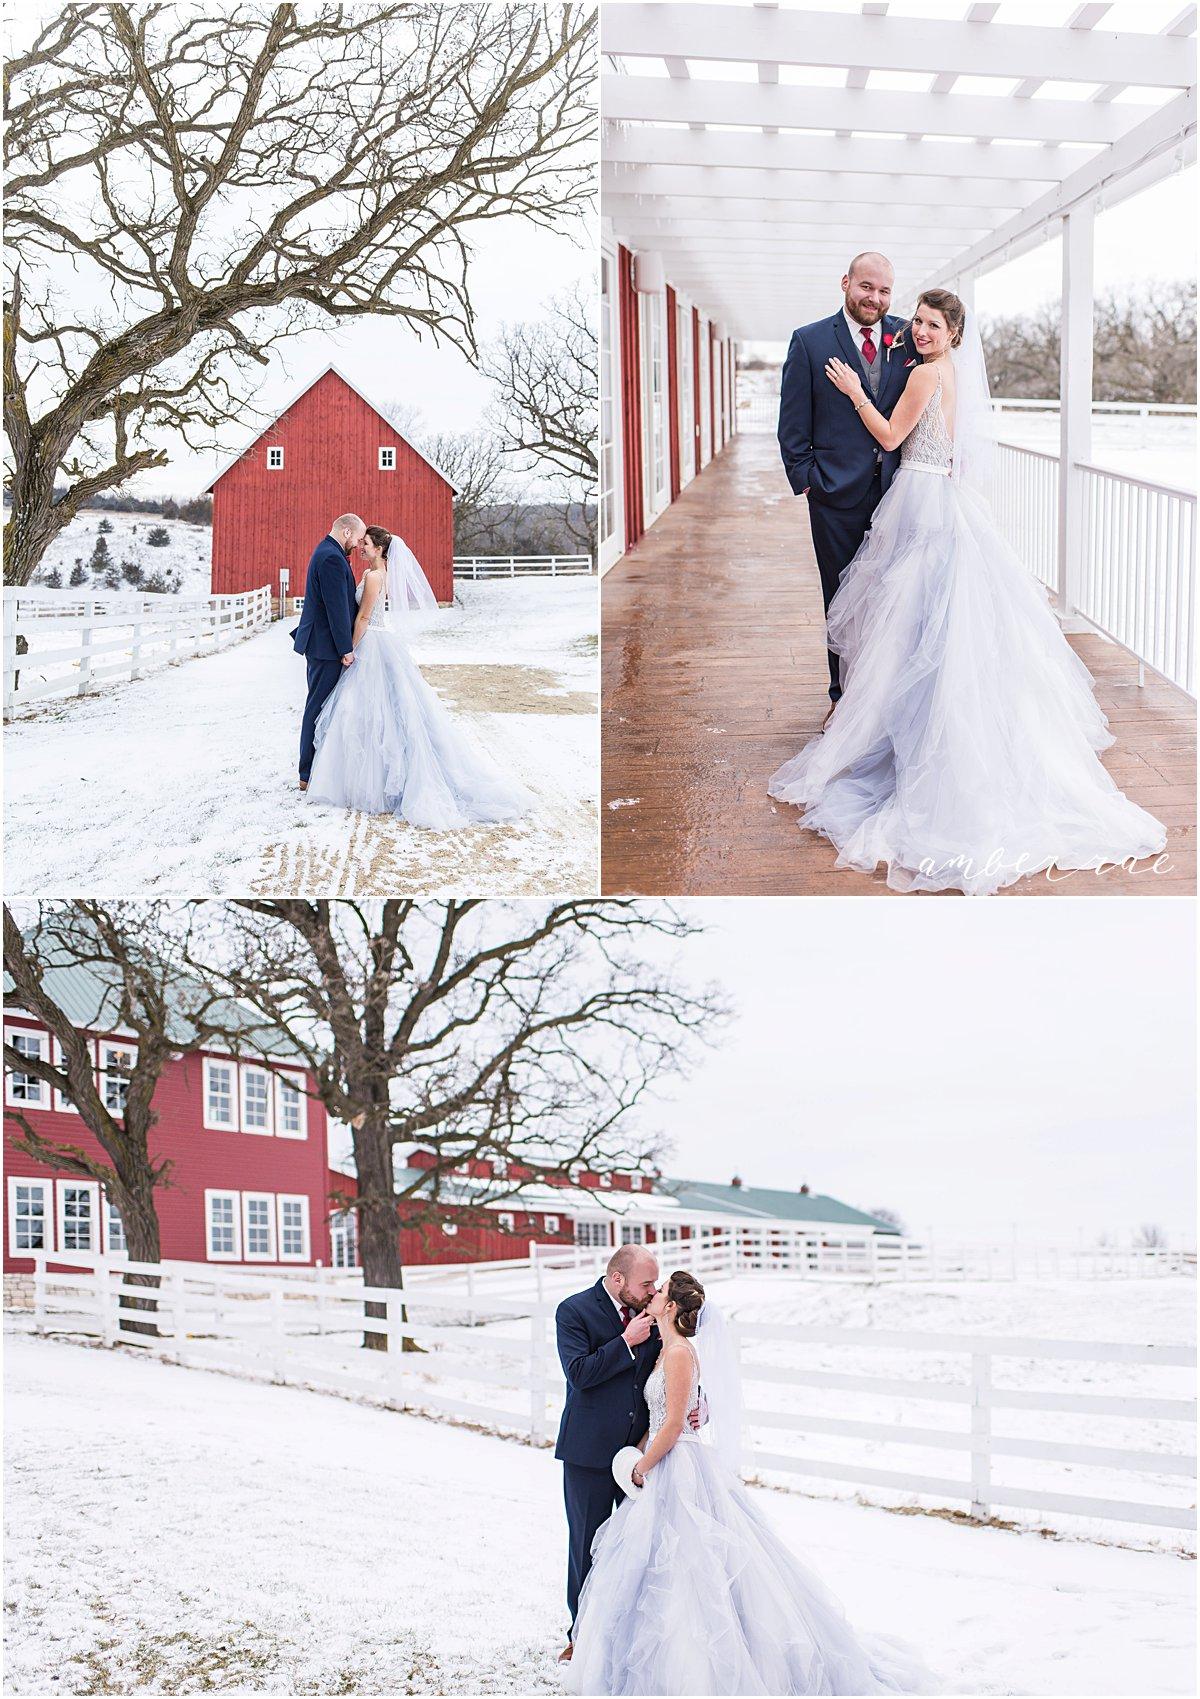 Helget Wedding Dec 2017_0018.jpg